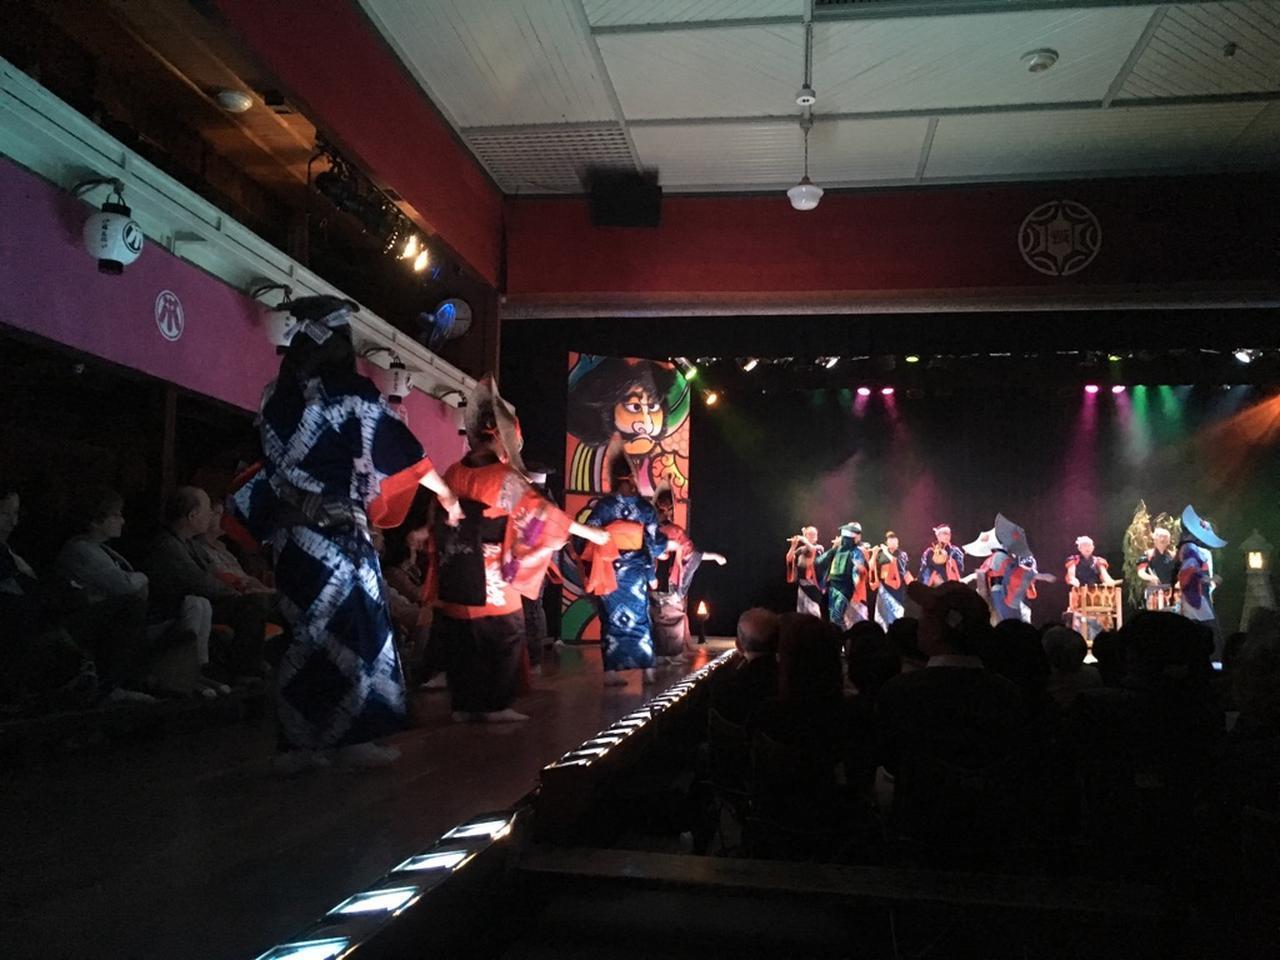 画像3: 【地域47の旅】クラブツーリズム特別企画  「東北まつりin康楽館」が開催されました! 開催日:5月13日(日)